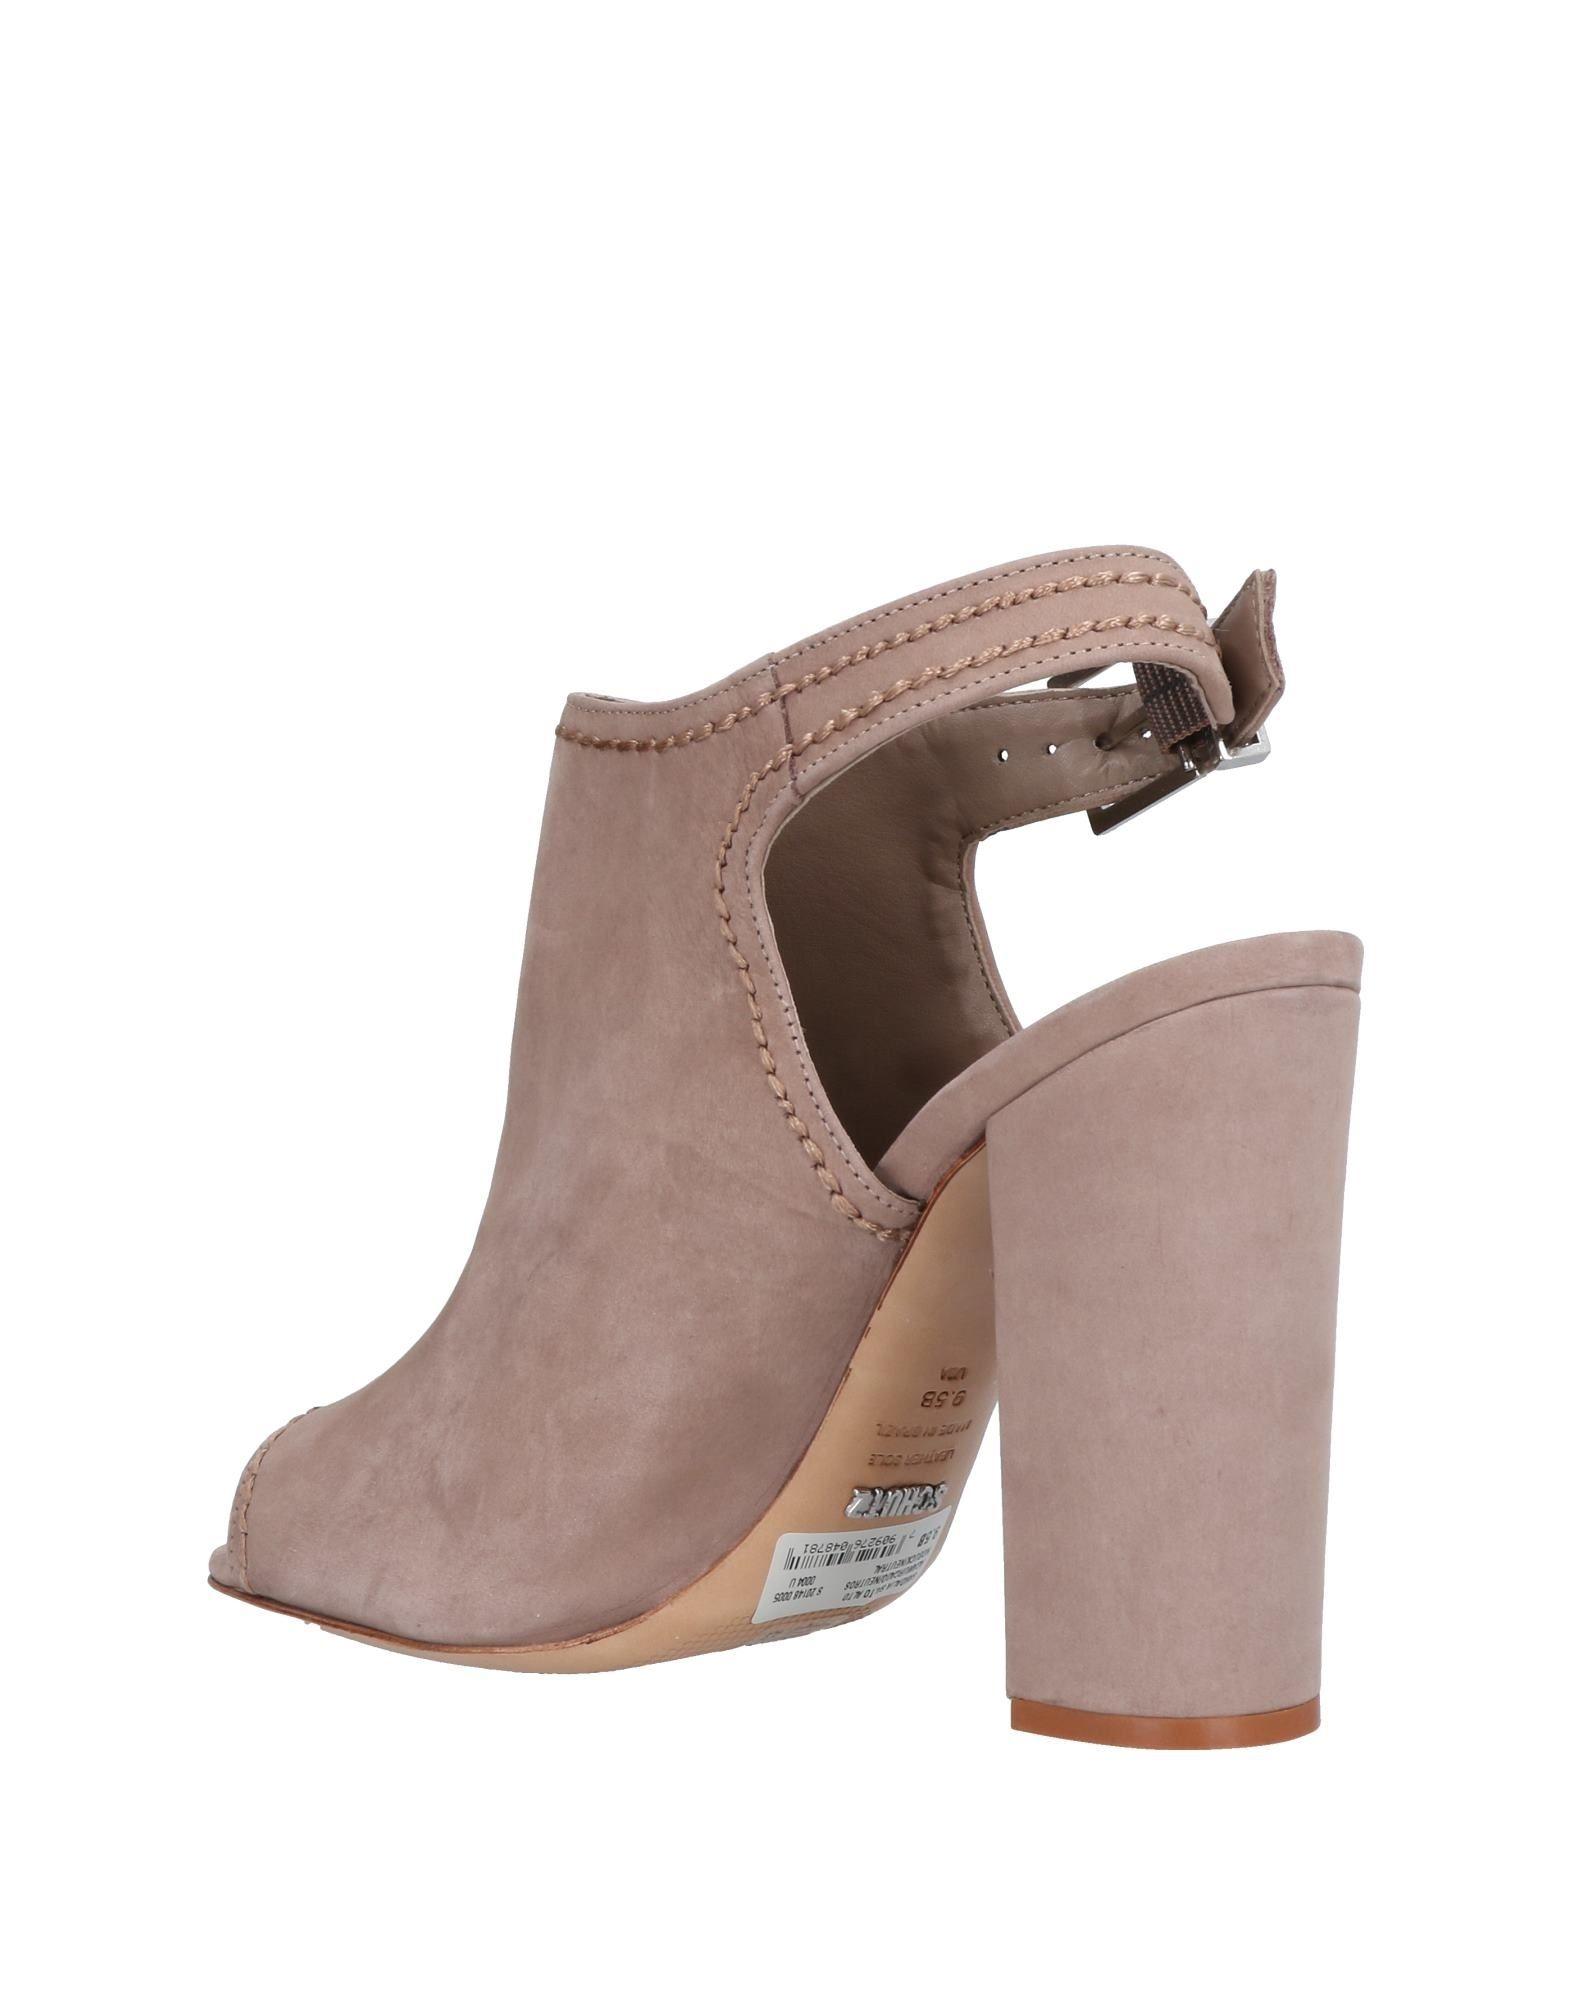 Schutz Sandalen Damen Damen Sandalen  11471242OF Heiße Schuhe a58e36